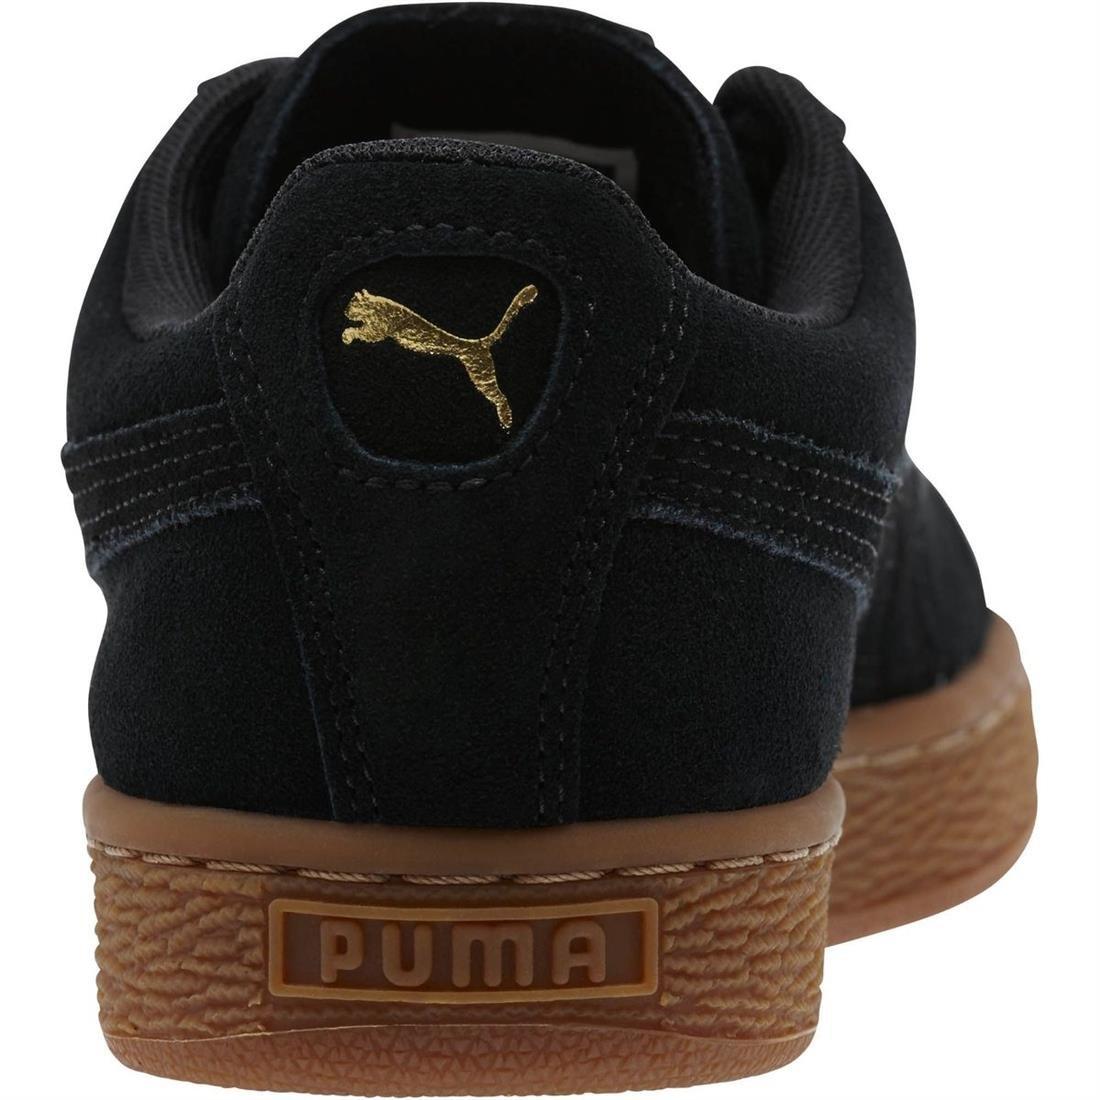 Puma Suede Classic Gold Wn's 36422502, Turnschuhe 37 EU